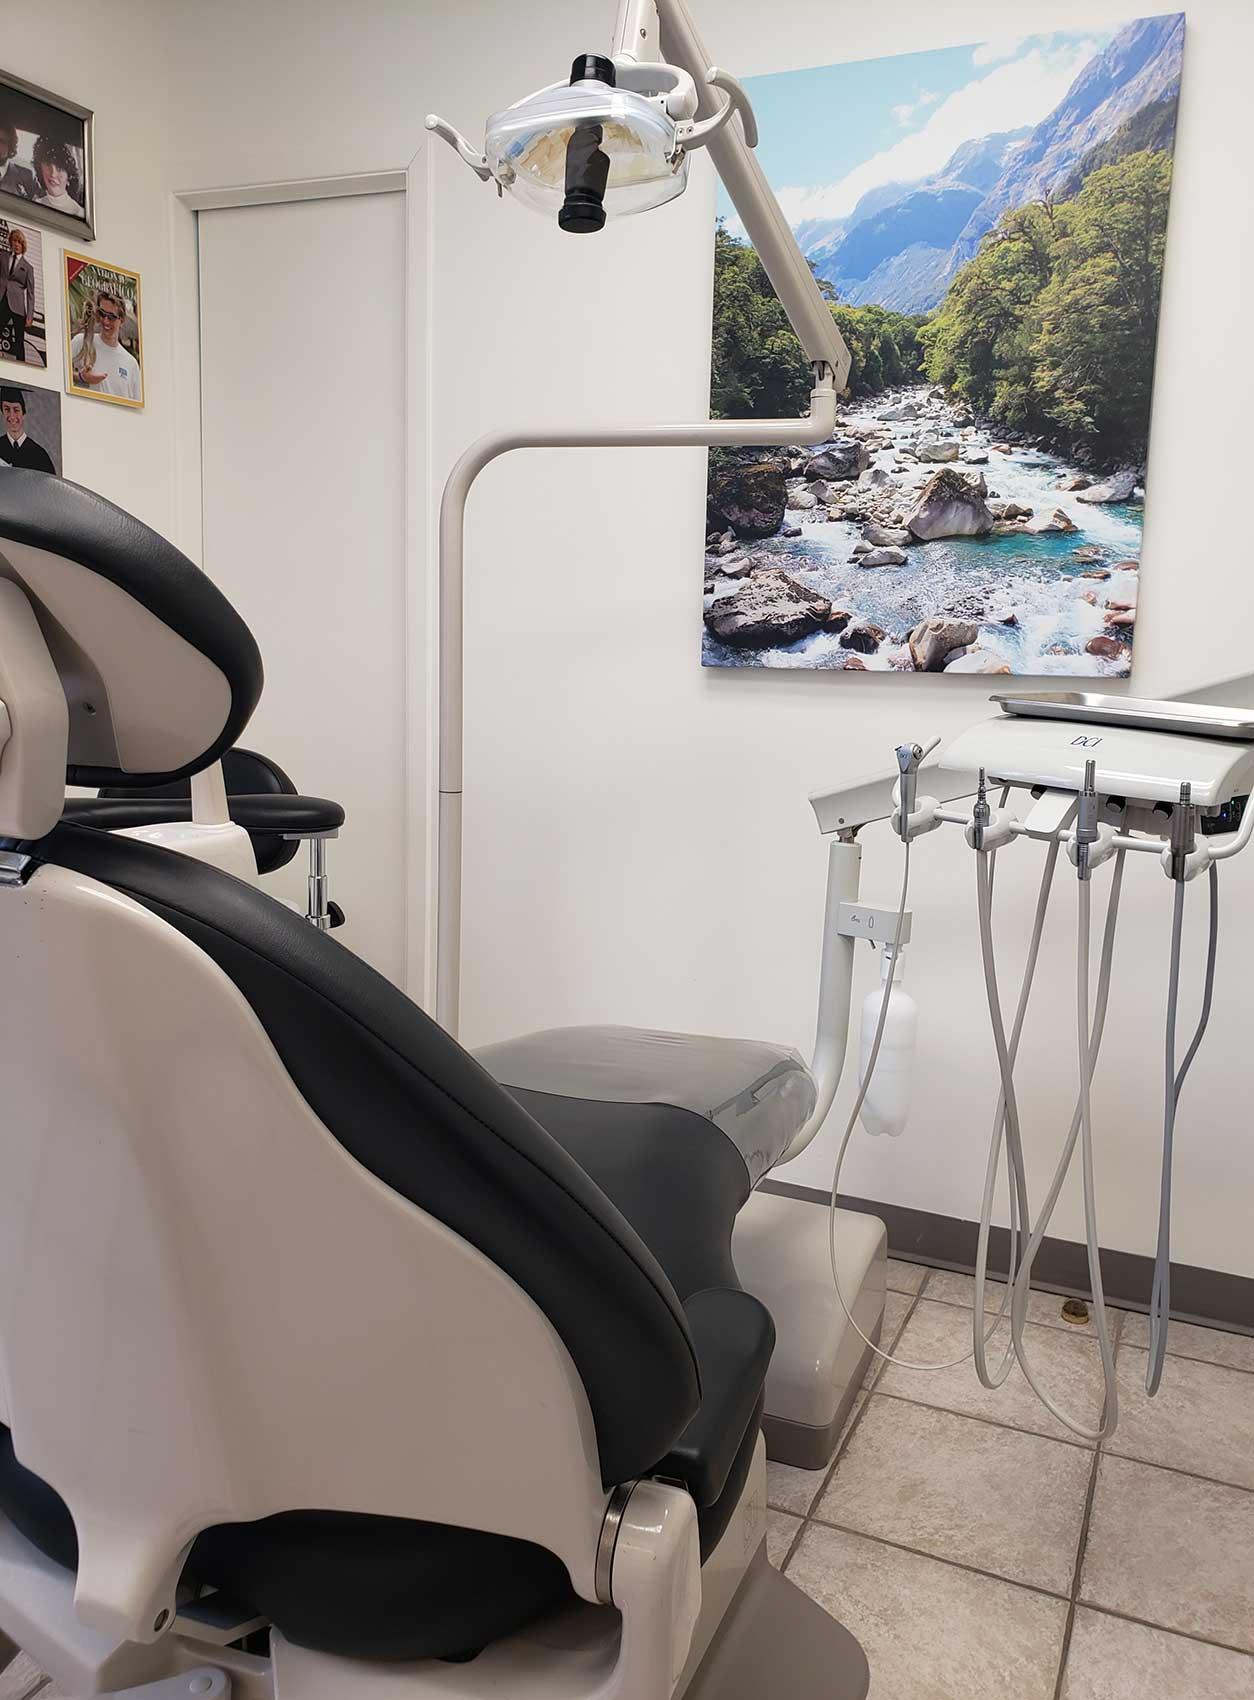 salle d'attente- Clinique dentaire Richard Landry